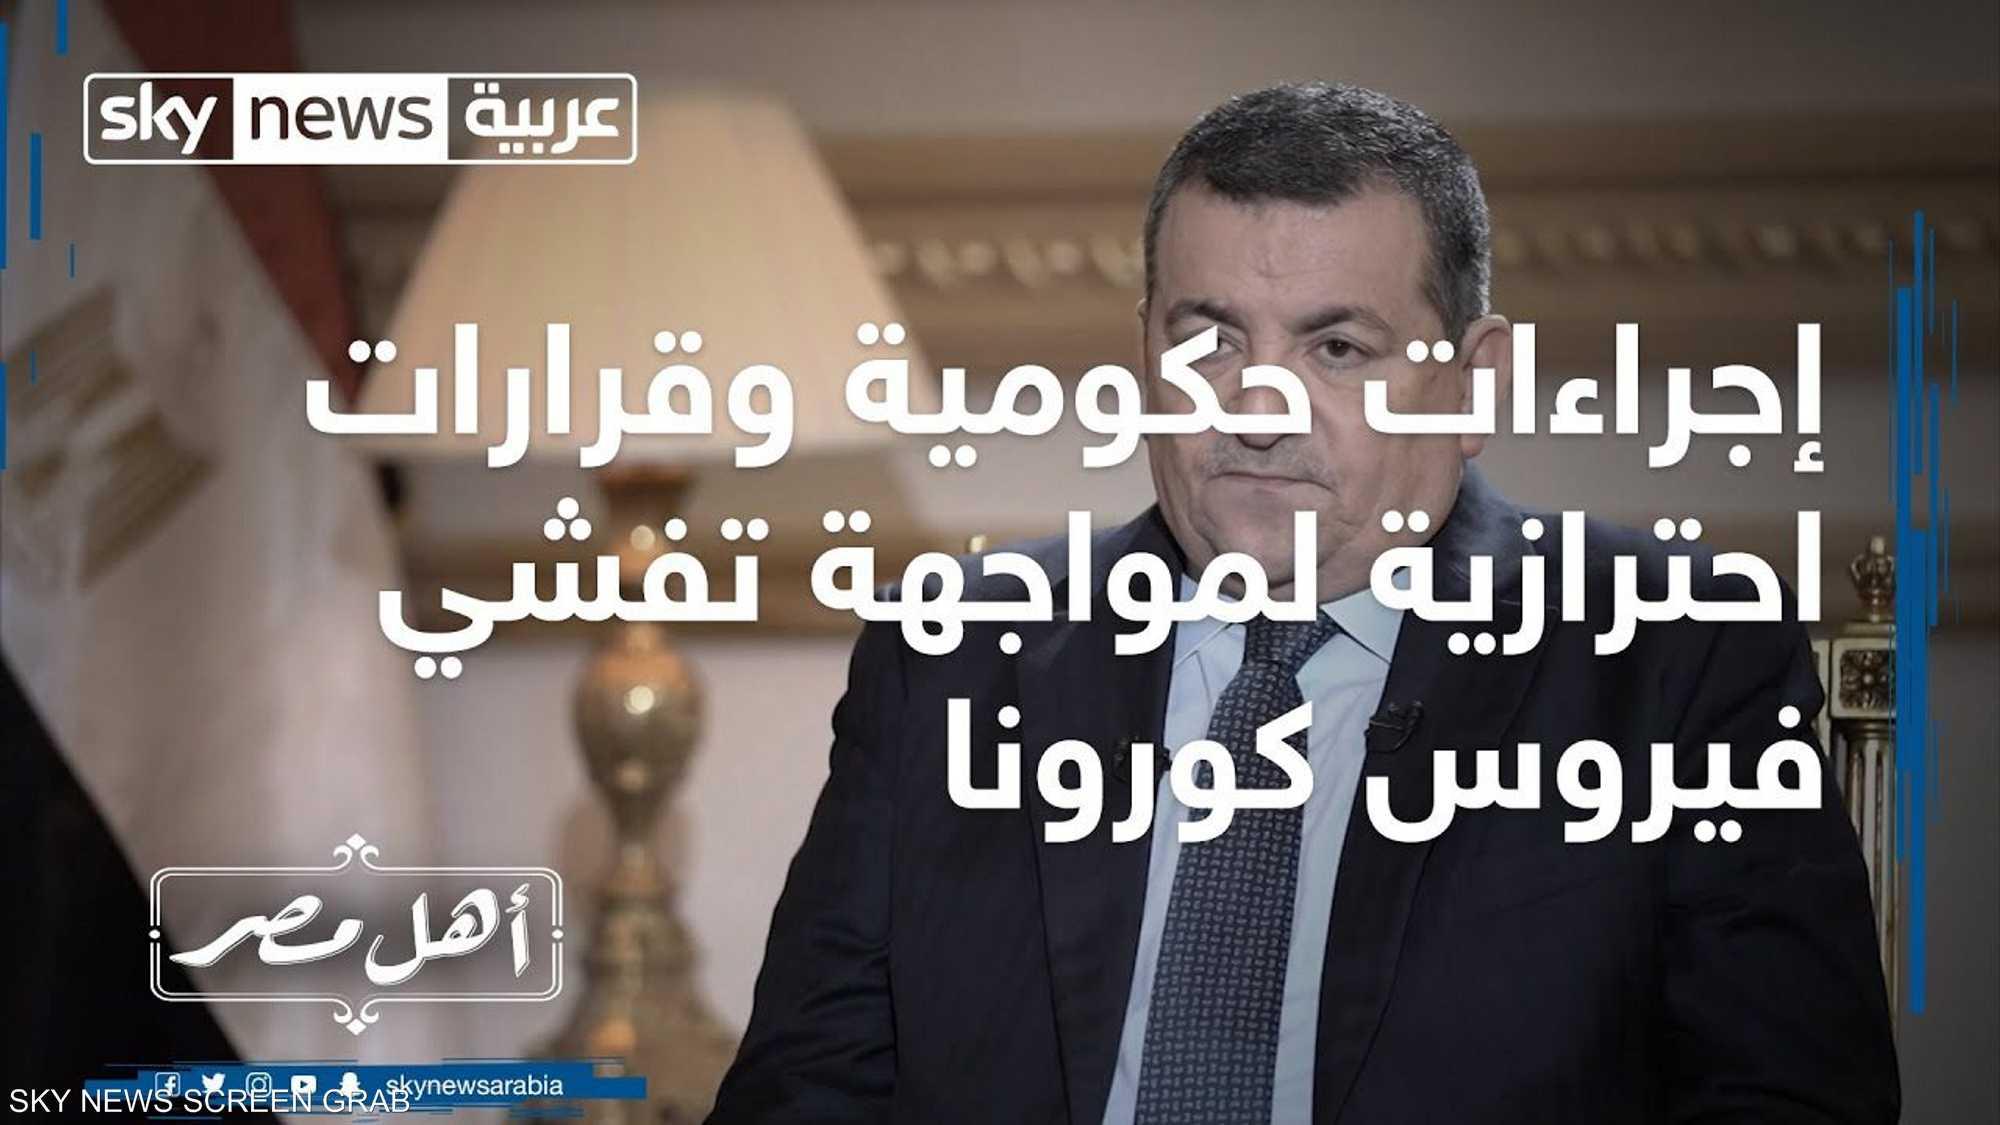 أهل مصر.. إجراءات حكومية وقرارات احترازية لمواجهة كورونا